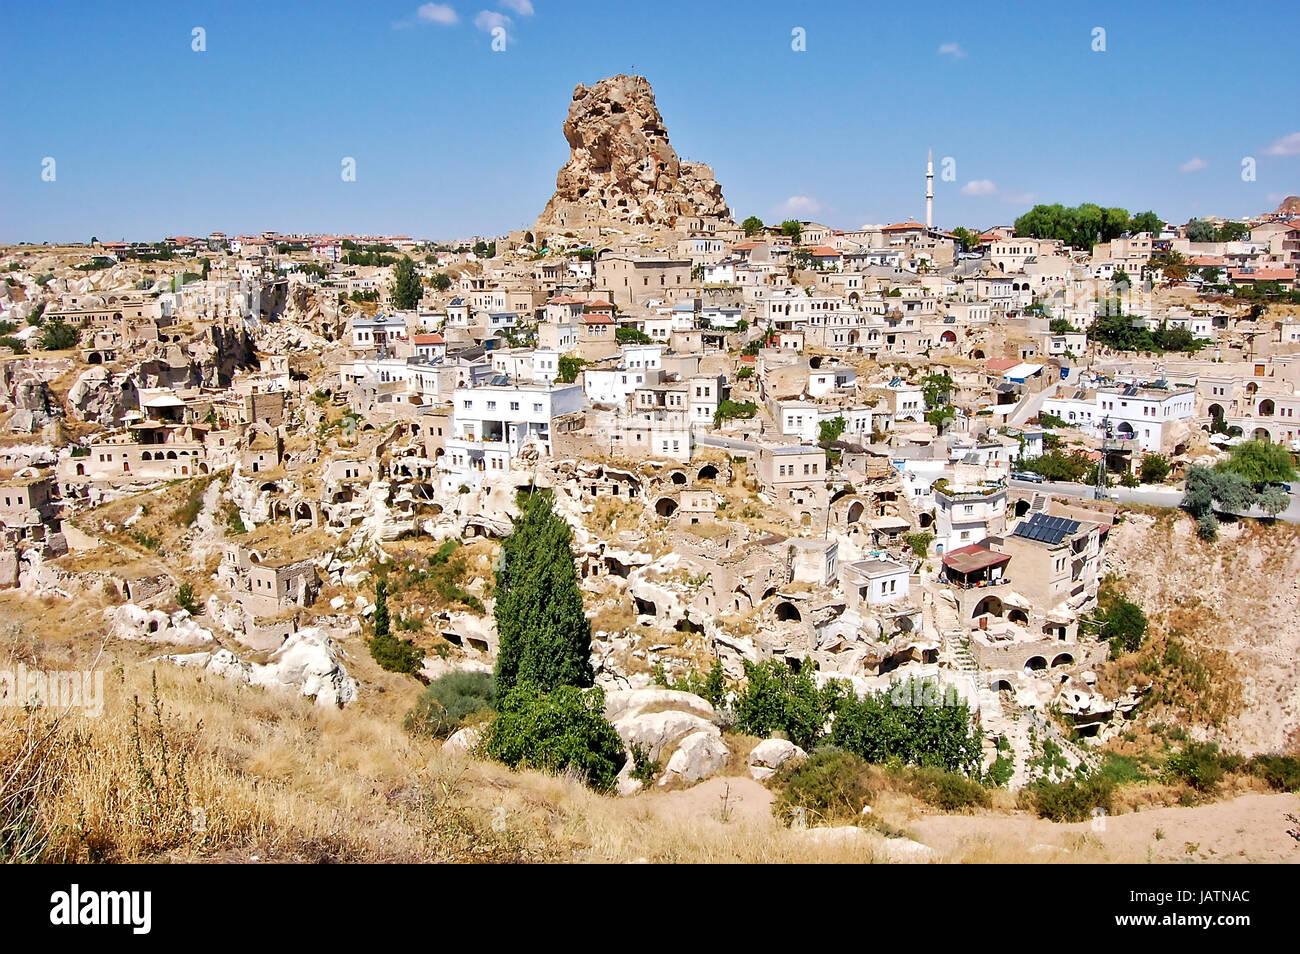 Image taken in Capadoccia, Turkey, year 2012 - Stock Image